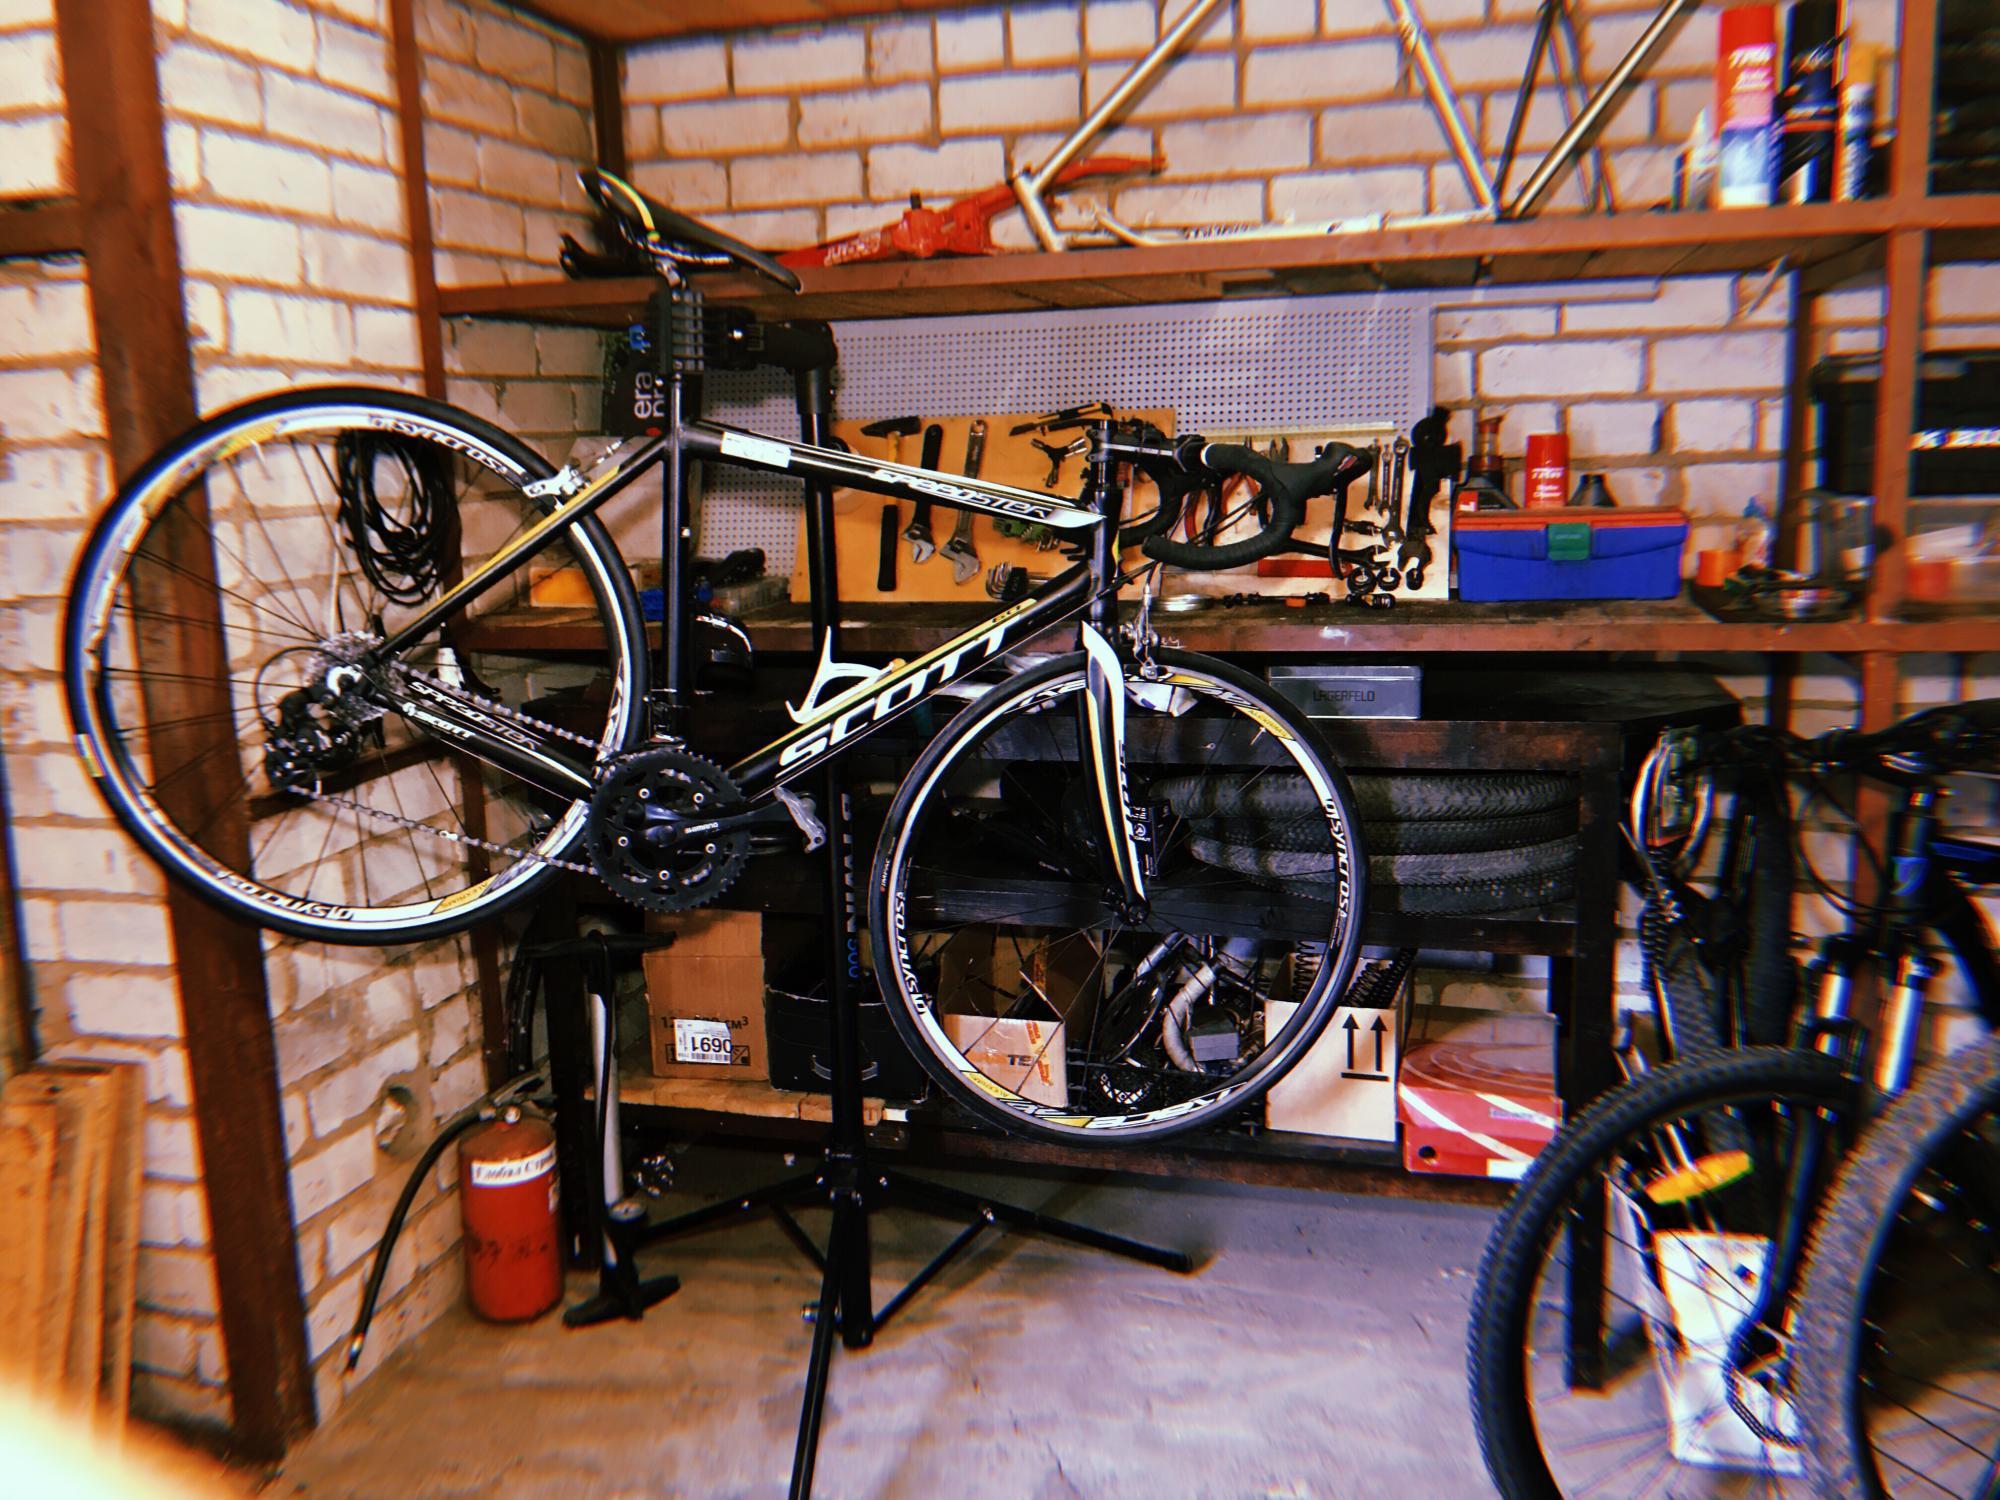 Ремонт велосипедов в Краснознаменске 89175947316 купить 1